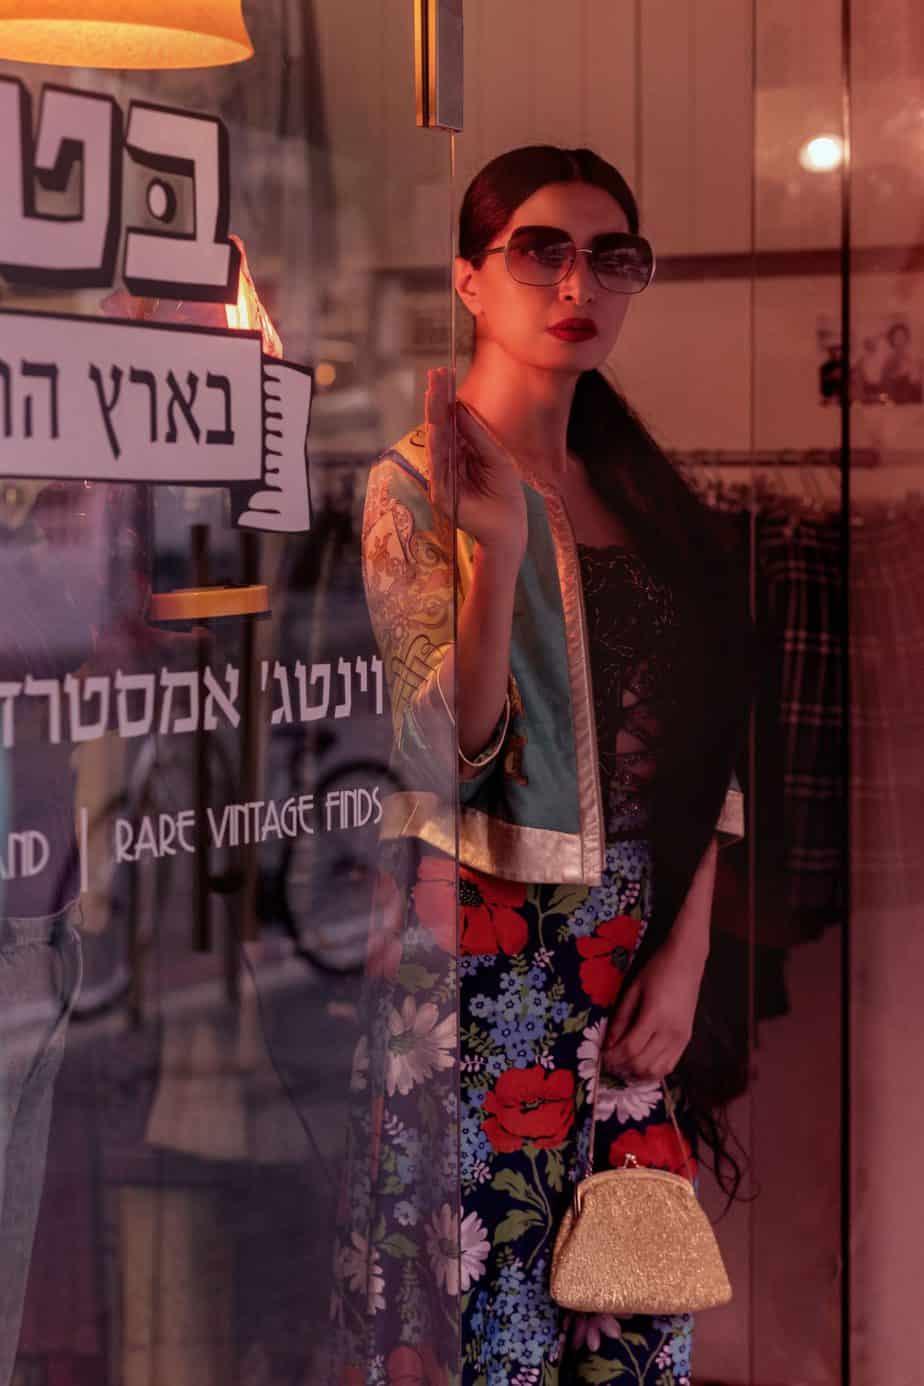 ג'קט עור, מחוך פאייטים, מכנסיים מתרחבים. שנות ה-70. בטי בארץ הוינטג׳. מאיה אושרי כהן. צילום: Gennadiy Tsodik